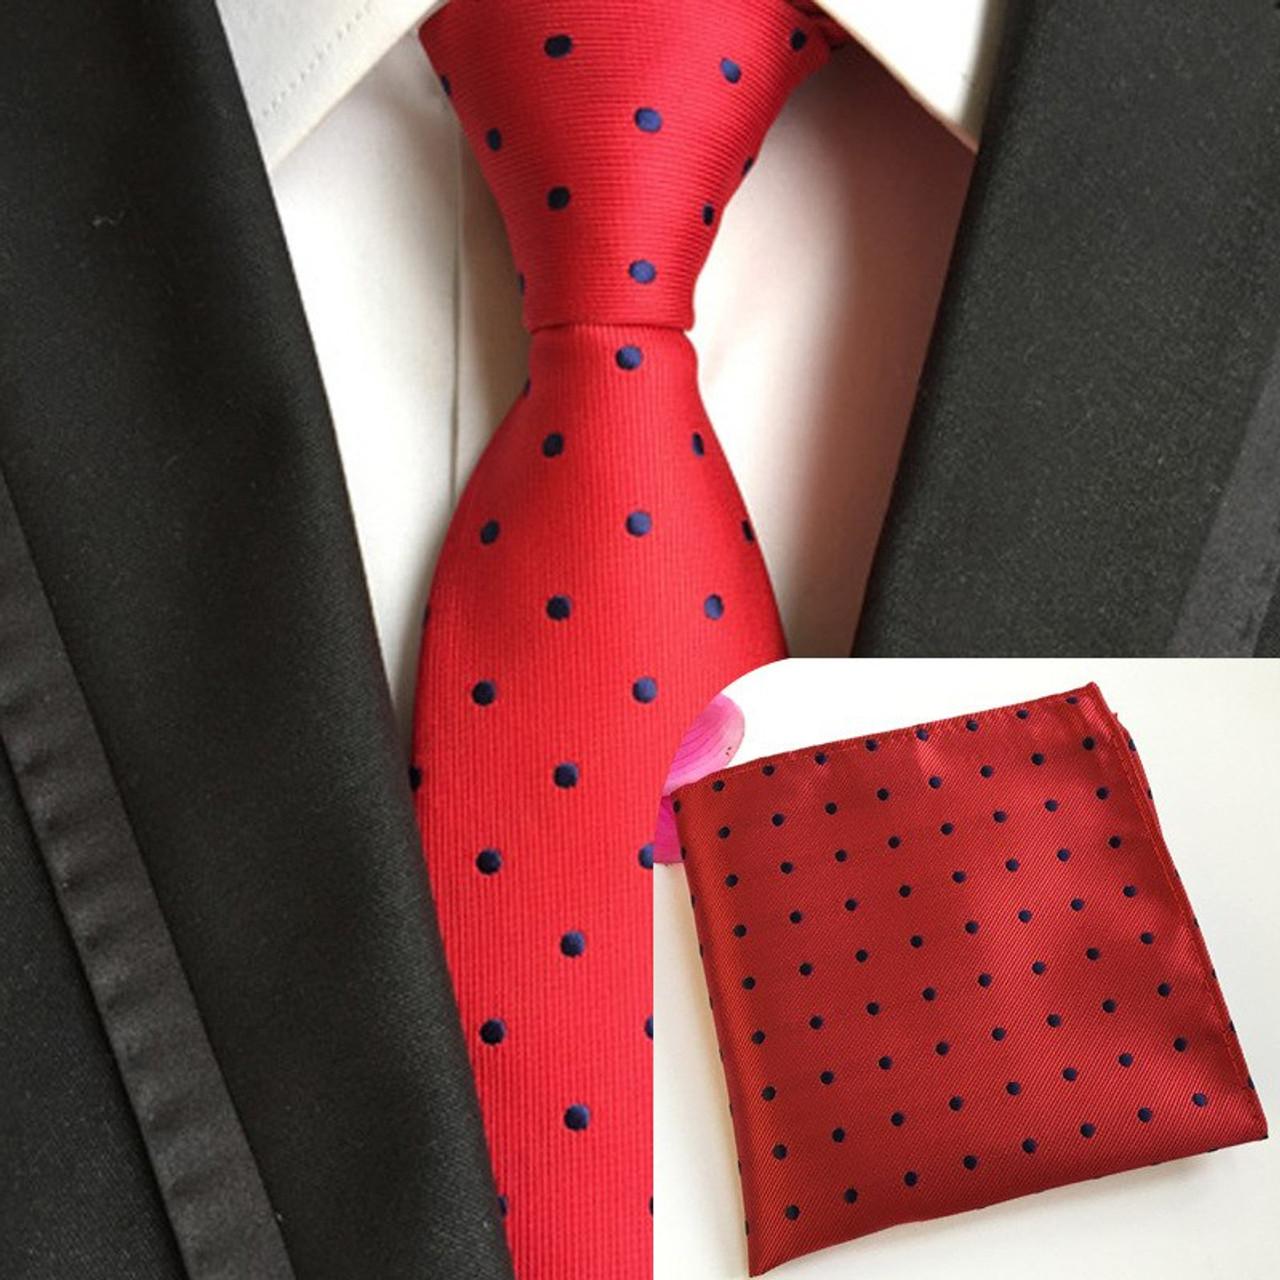 US Seller-wholesale lot of 10 woven necktie man tie cheap necktie ties